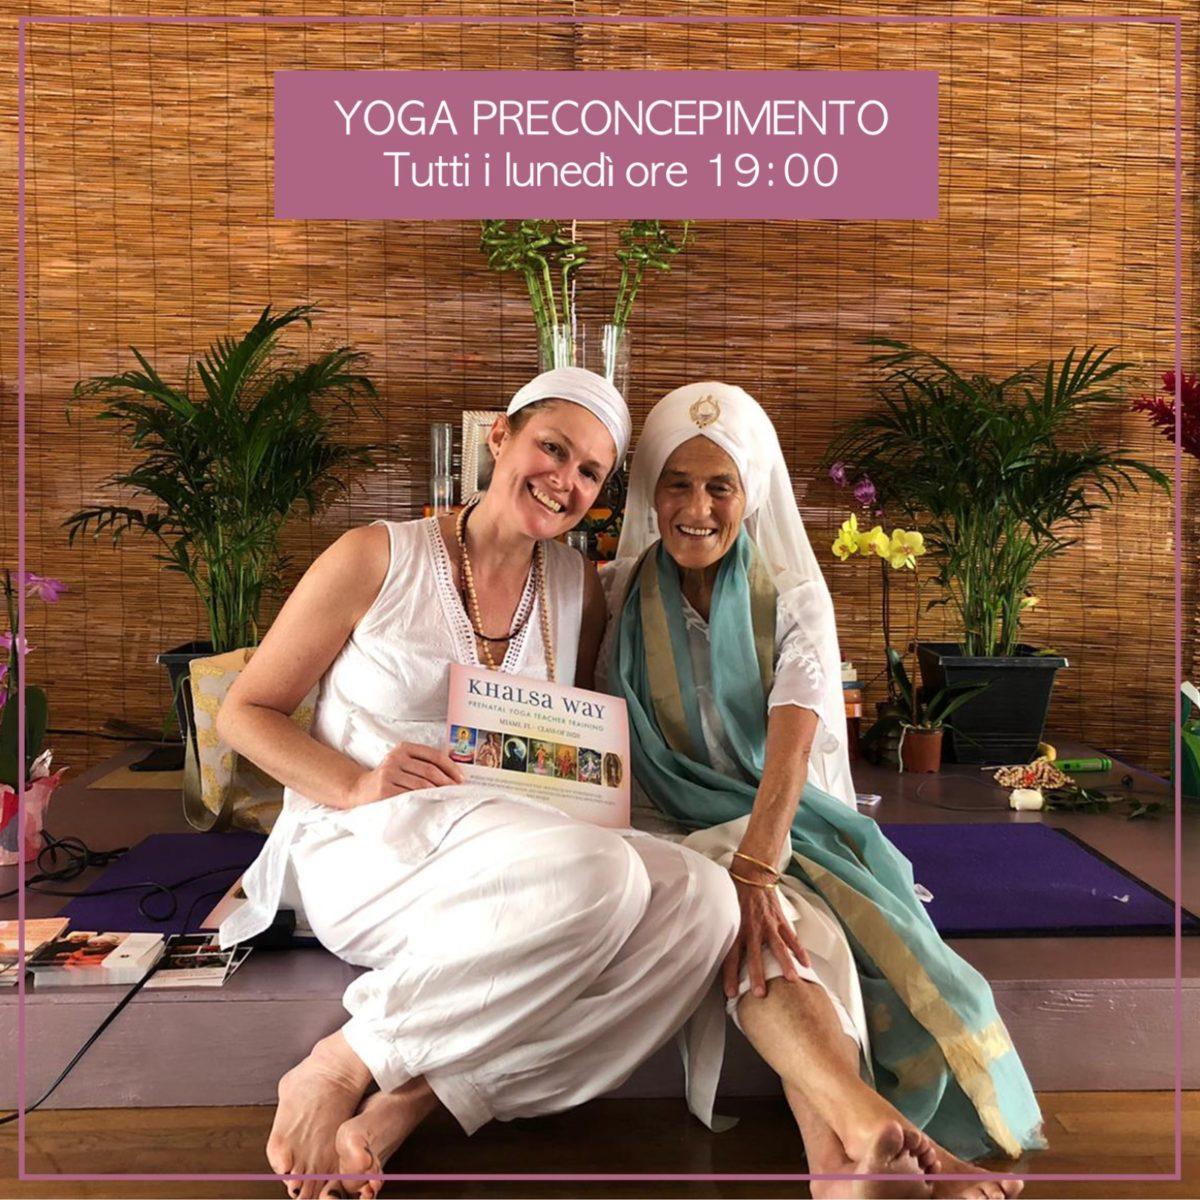 Corsi-B-Woman-Yoga-Pre-concepimento-Kundalini-yoga-tutti-i-lunedì-ore-19.00-1200x1200.jpeg